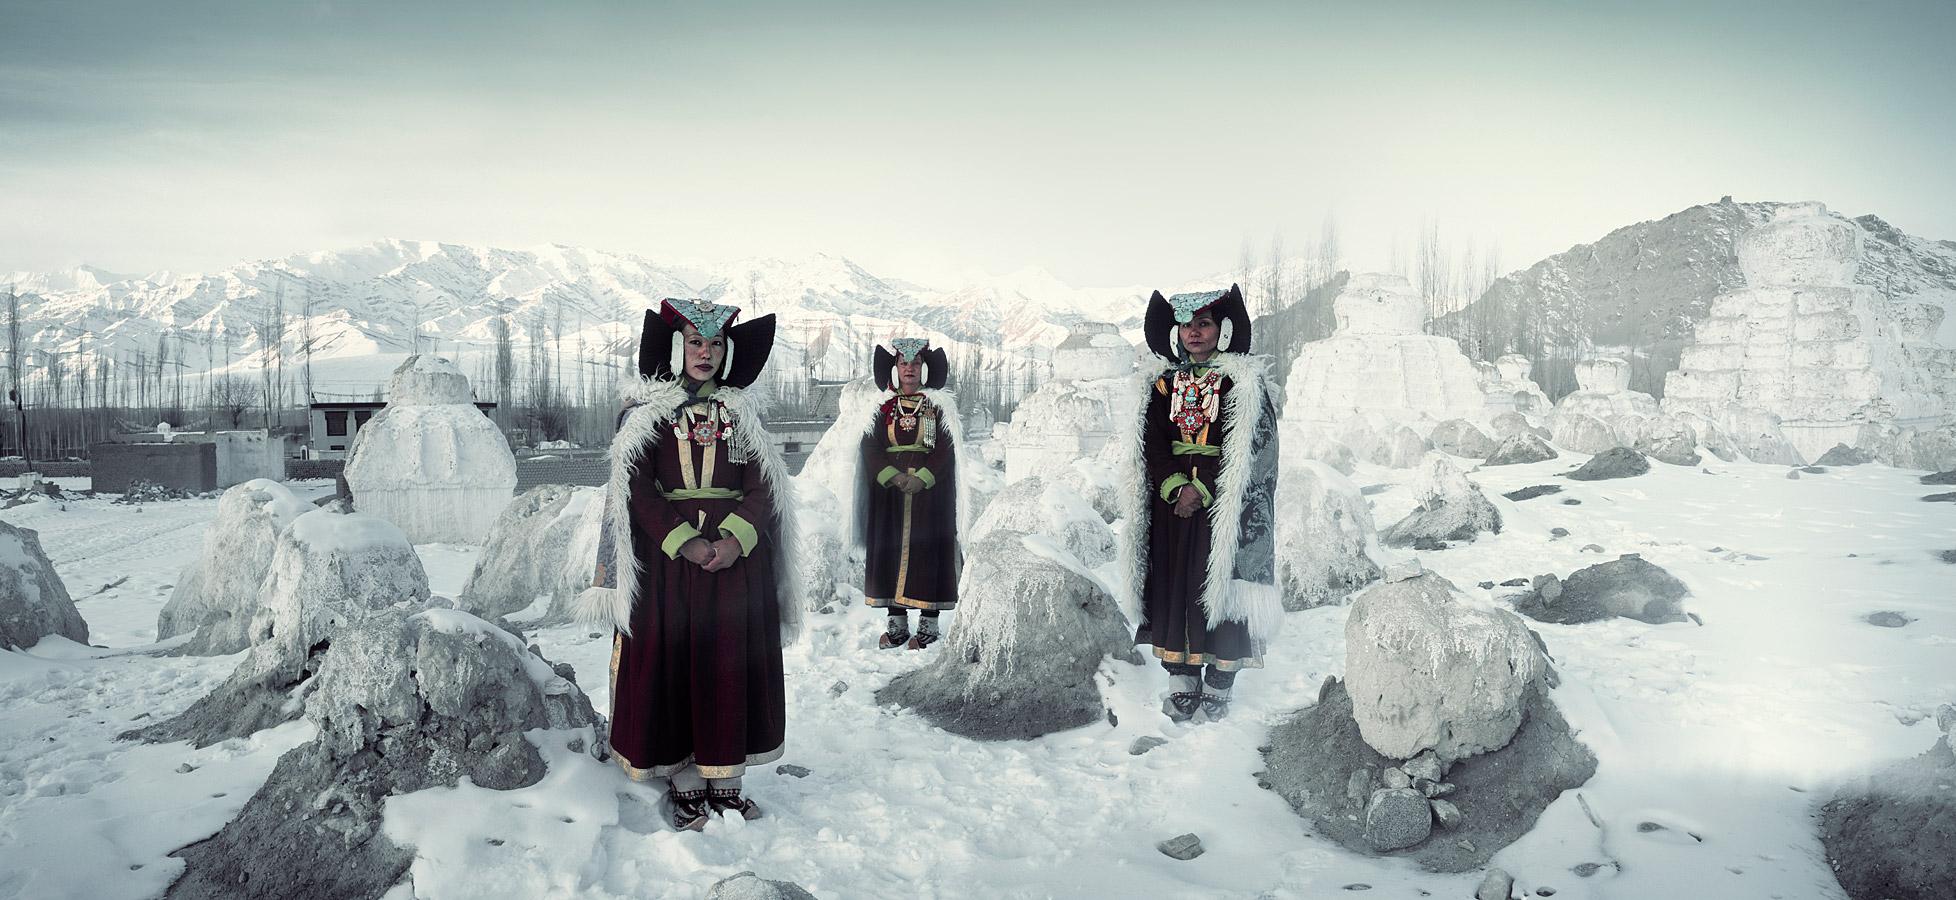 Dreamland: Forgotten Fashion Of Far Off Cultures